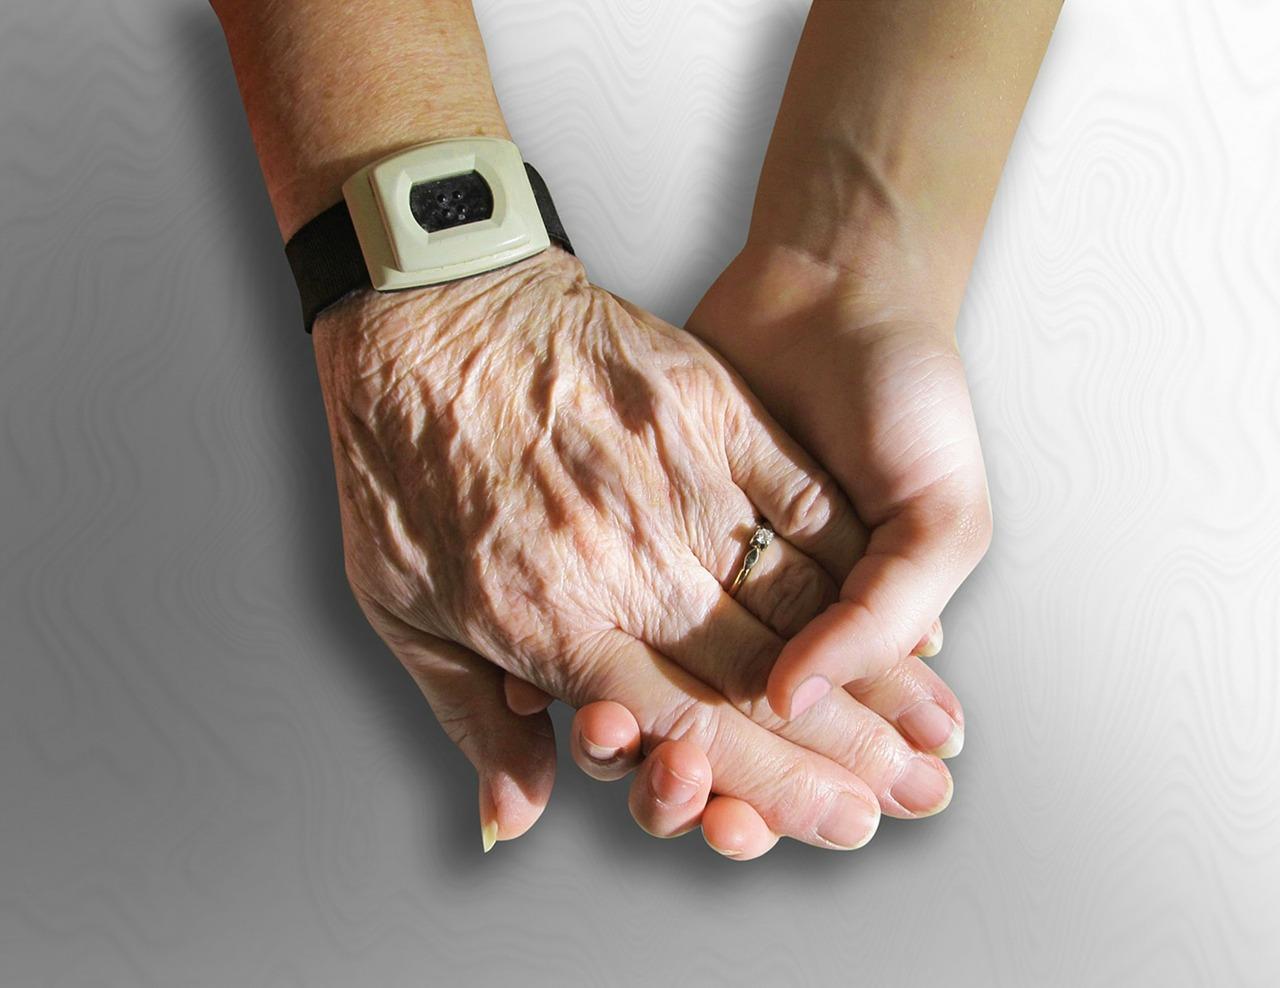 hands-216982_1280.jpg